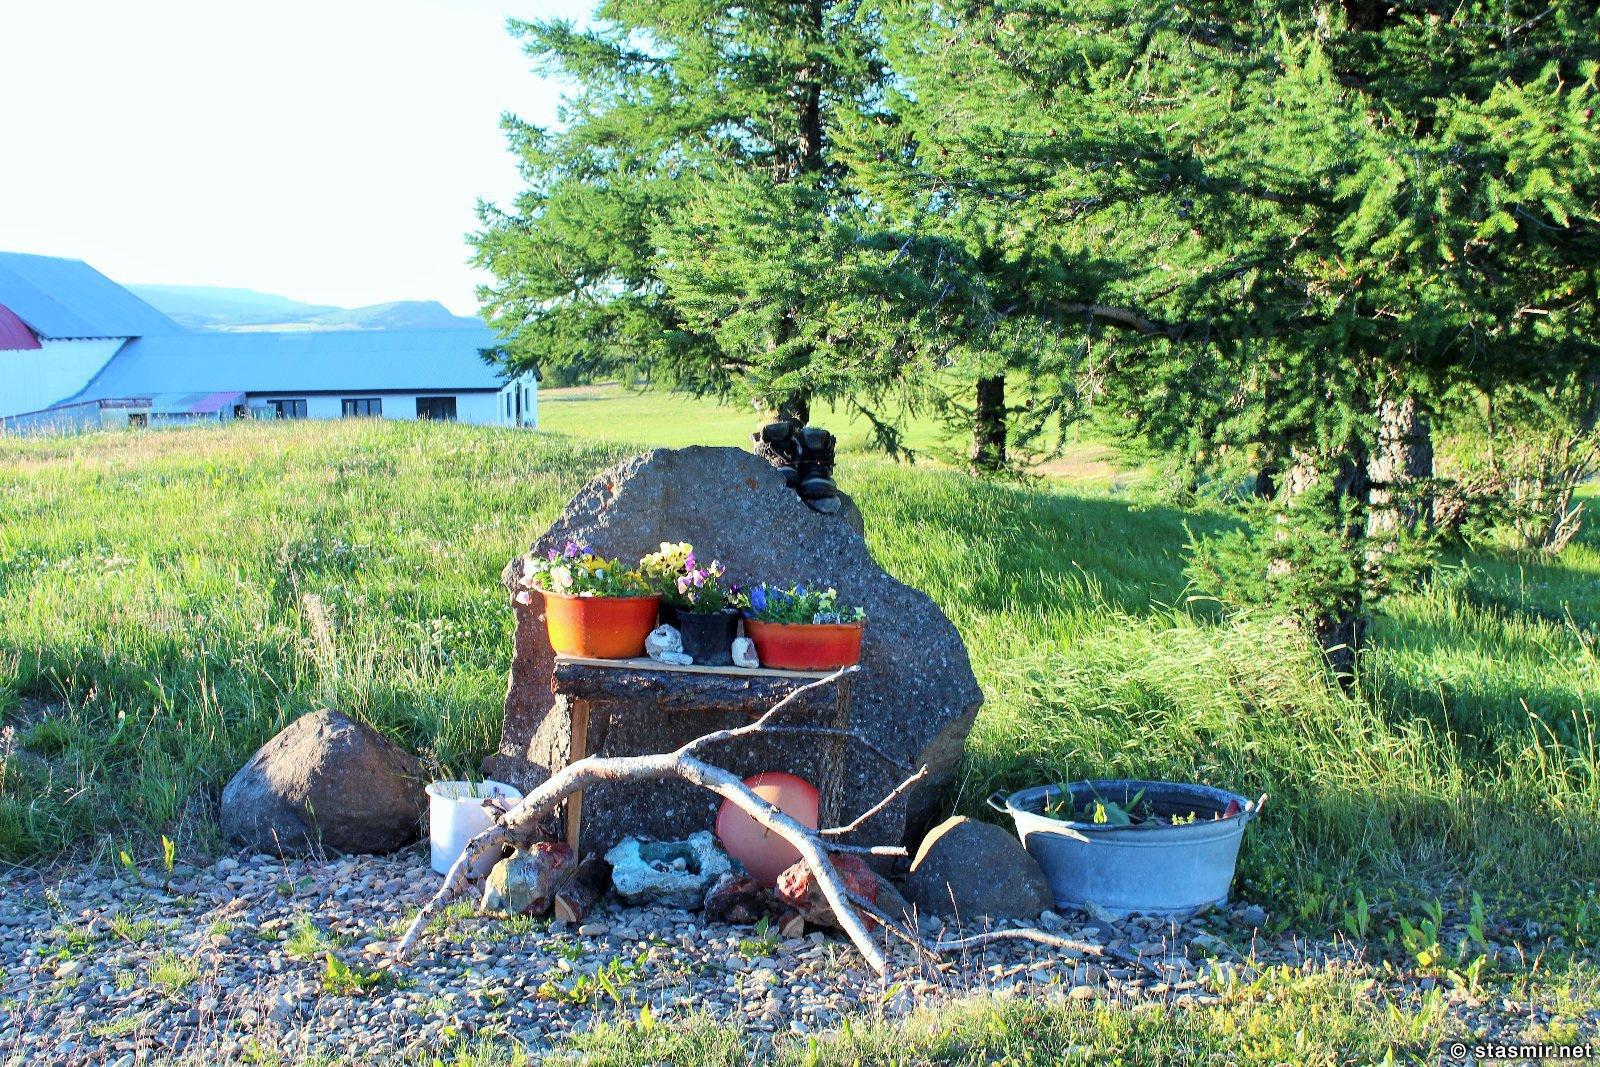 на ферме Mjóanes, размещение в сельских домиках в Исландии, фото Стасмир, photo Stasmir, Восточная Исландия